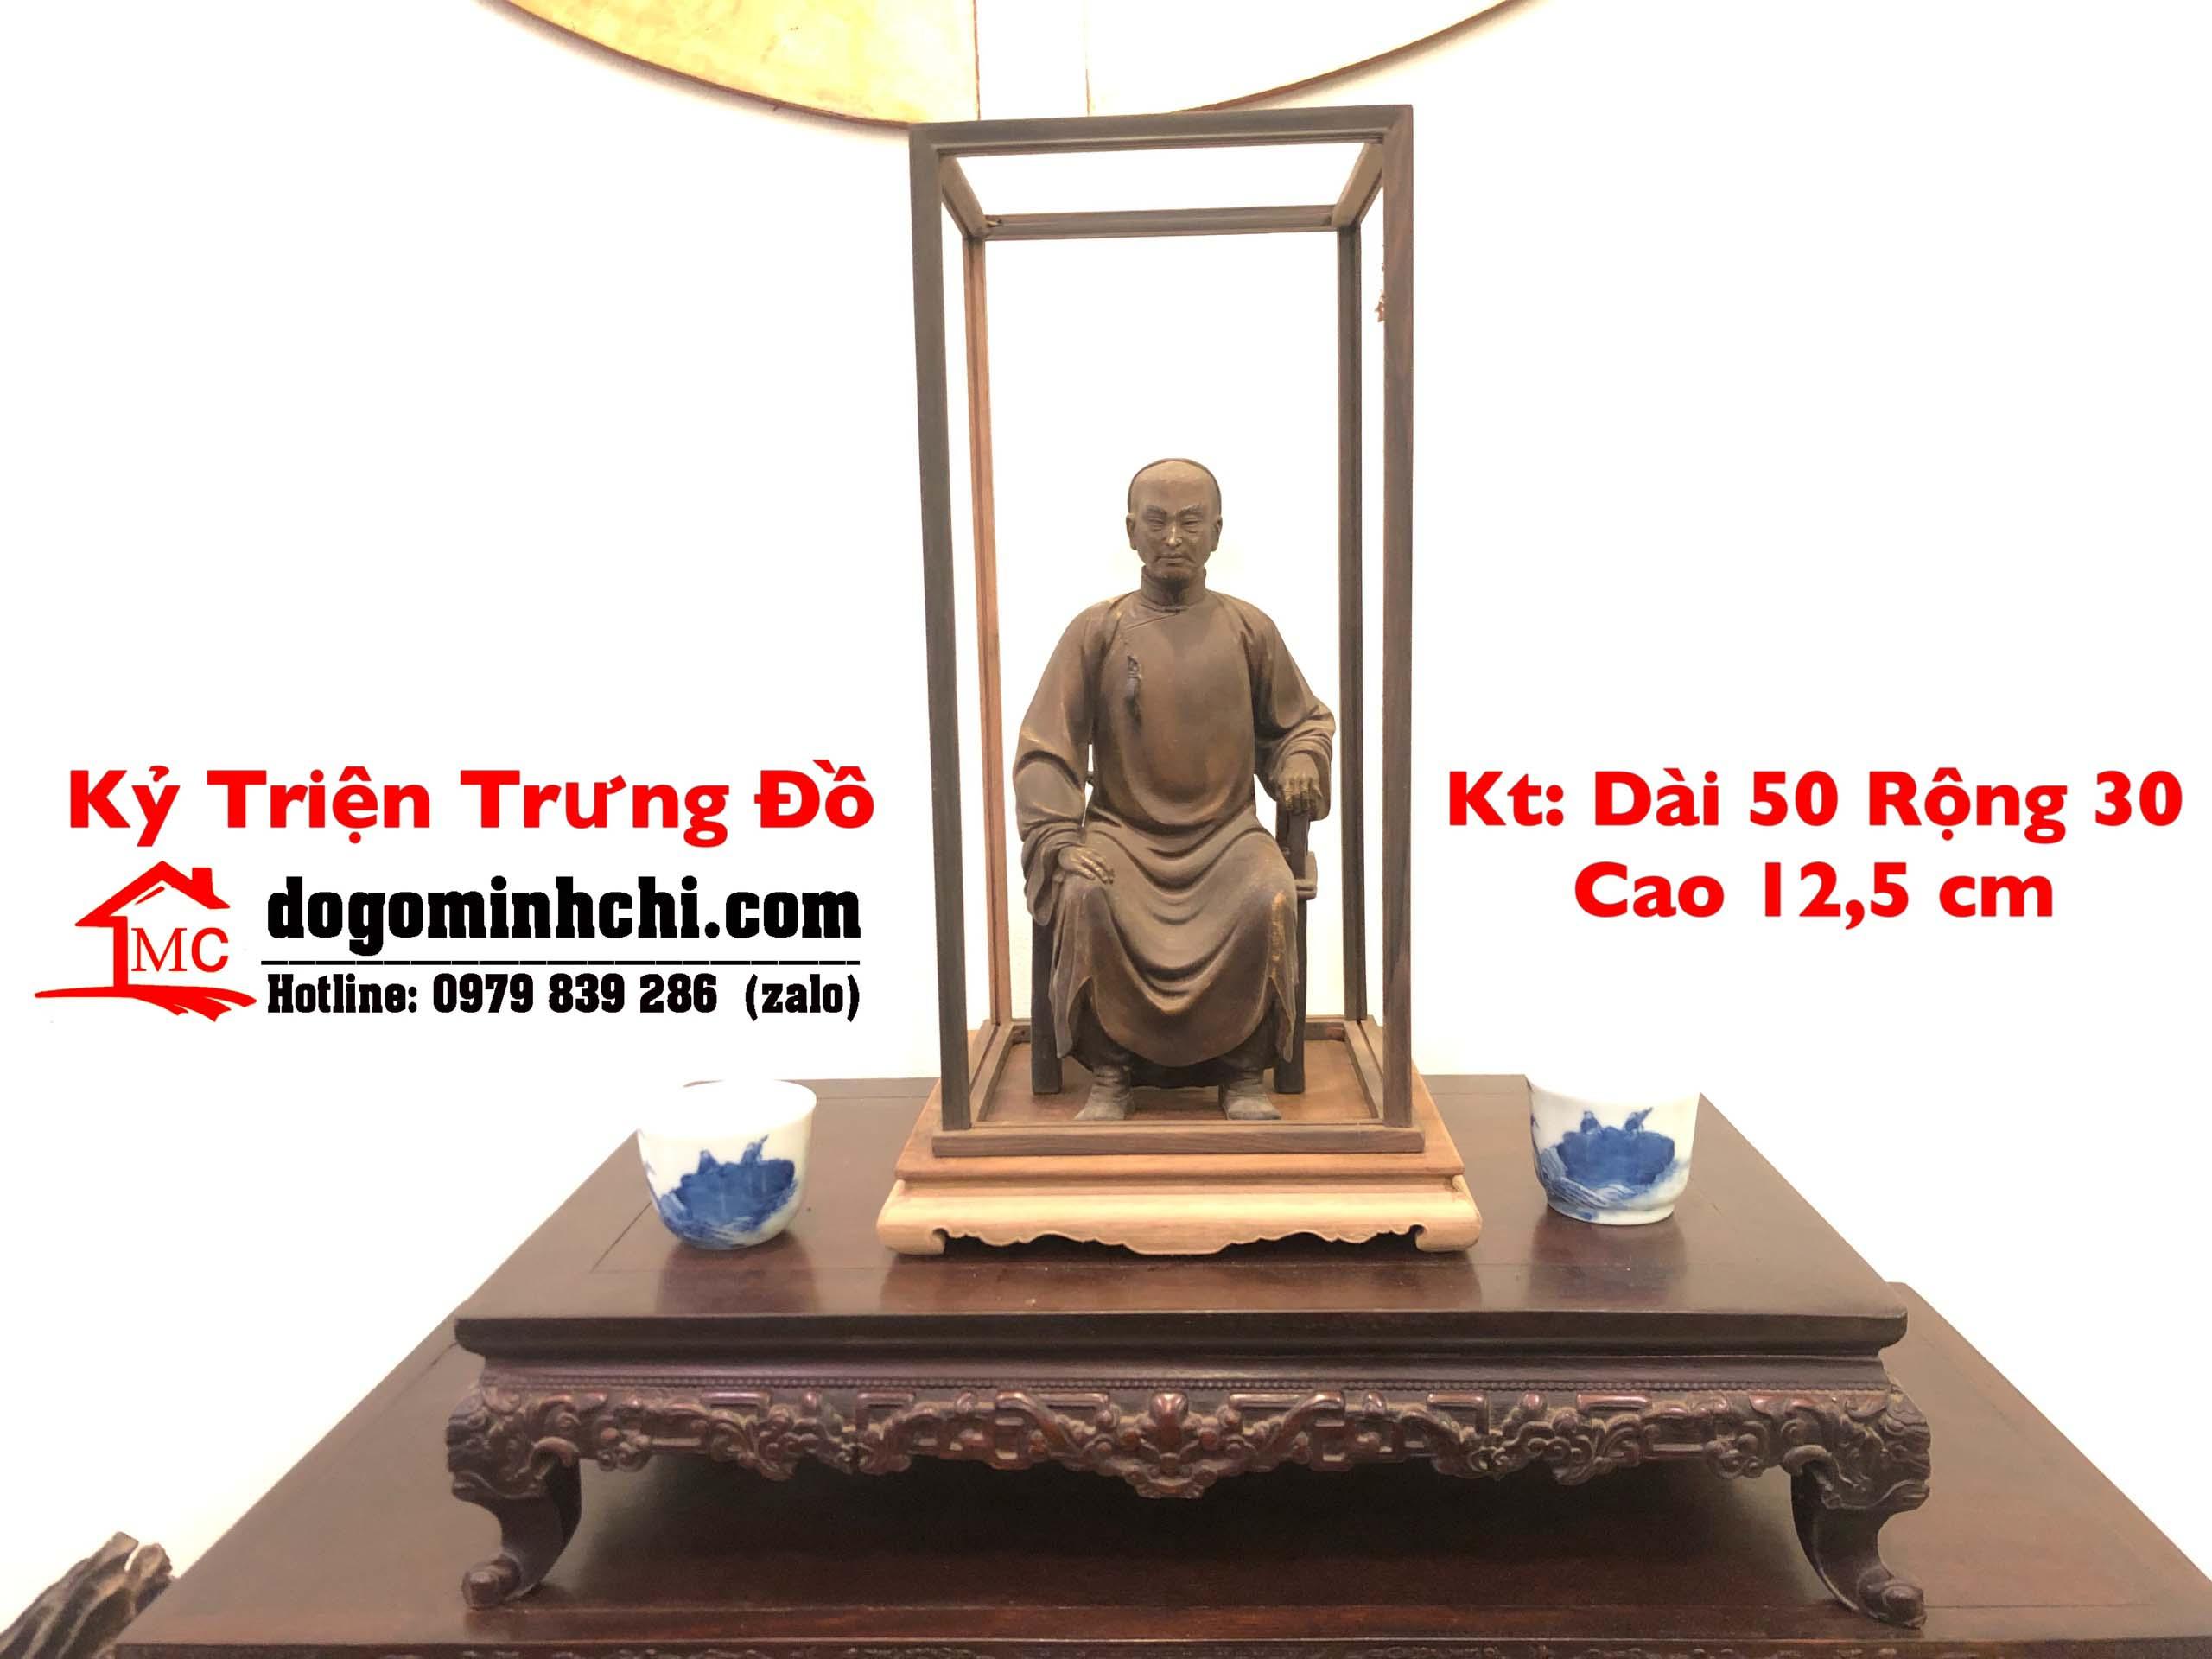 ban-ky-trung-do-su-tuong-go-1